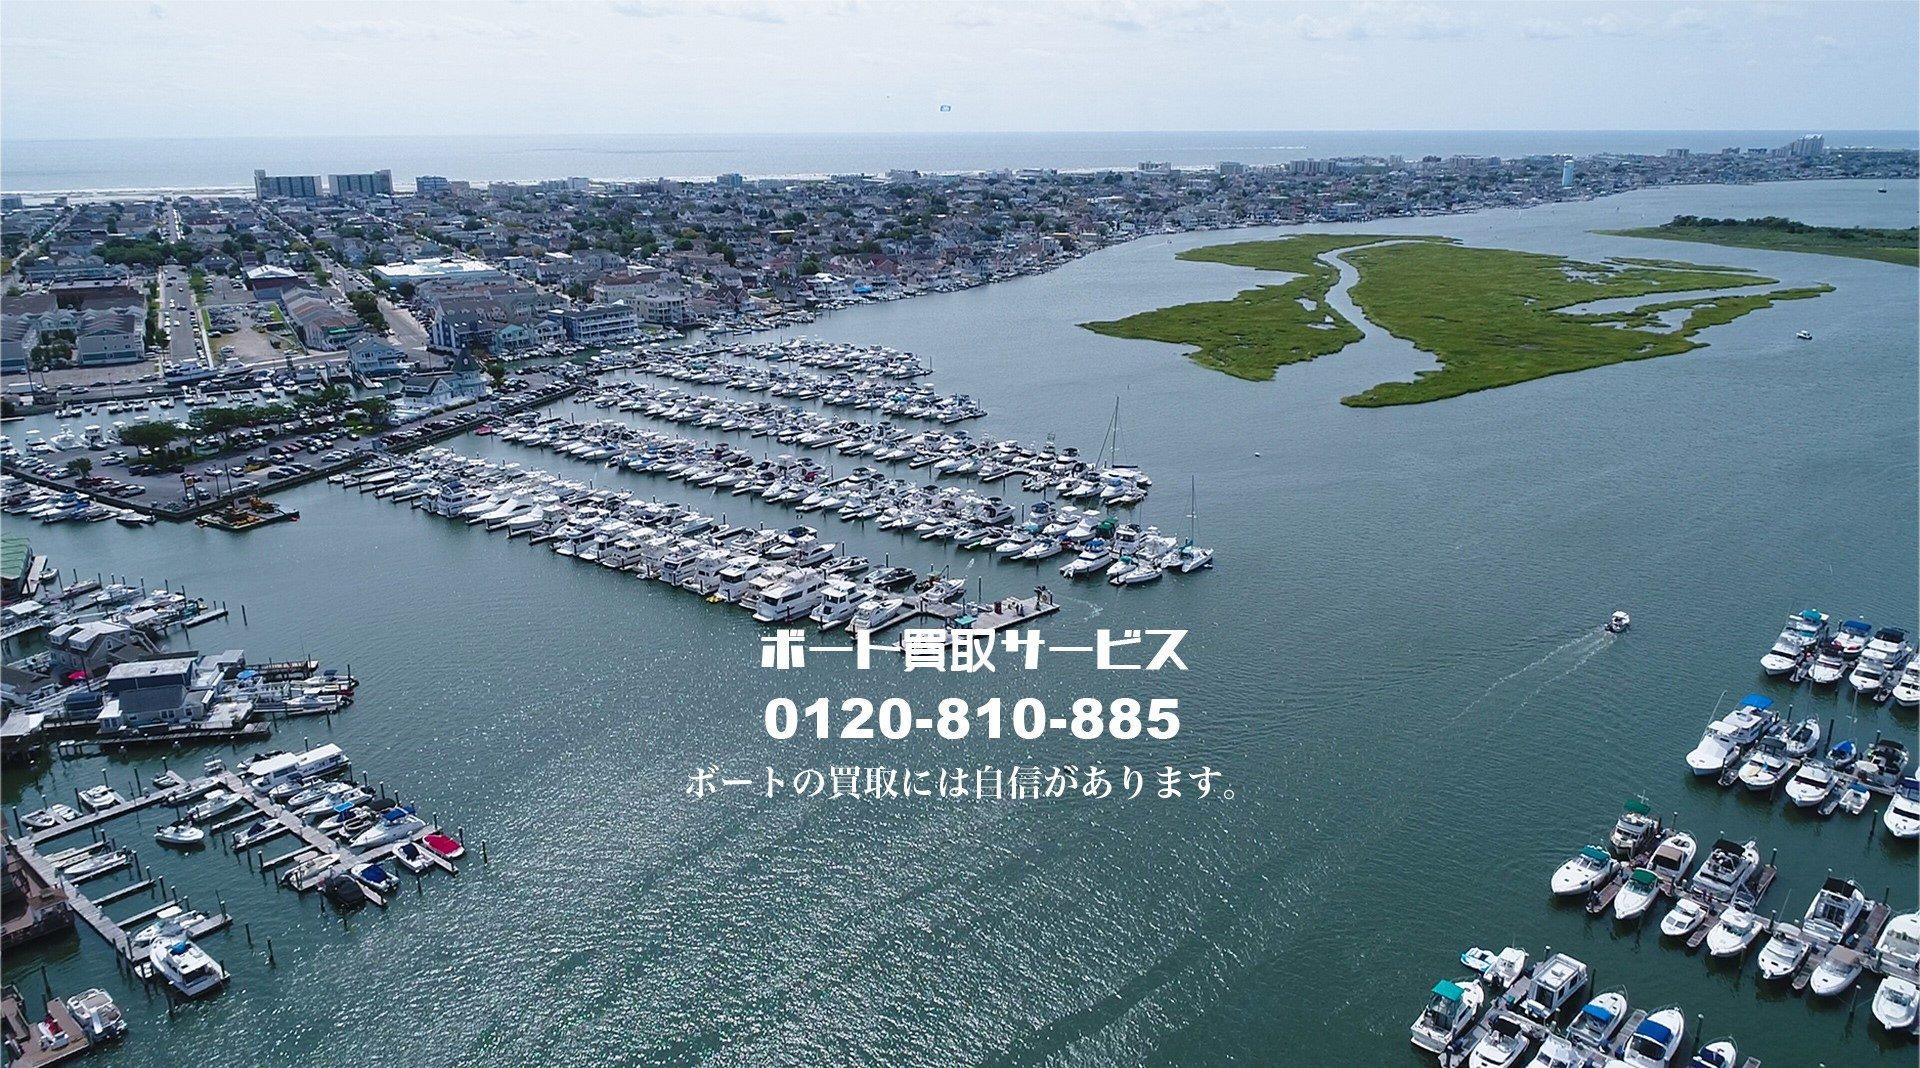 ボート買取サービス:ボートの買取には自信があります。